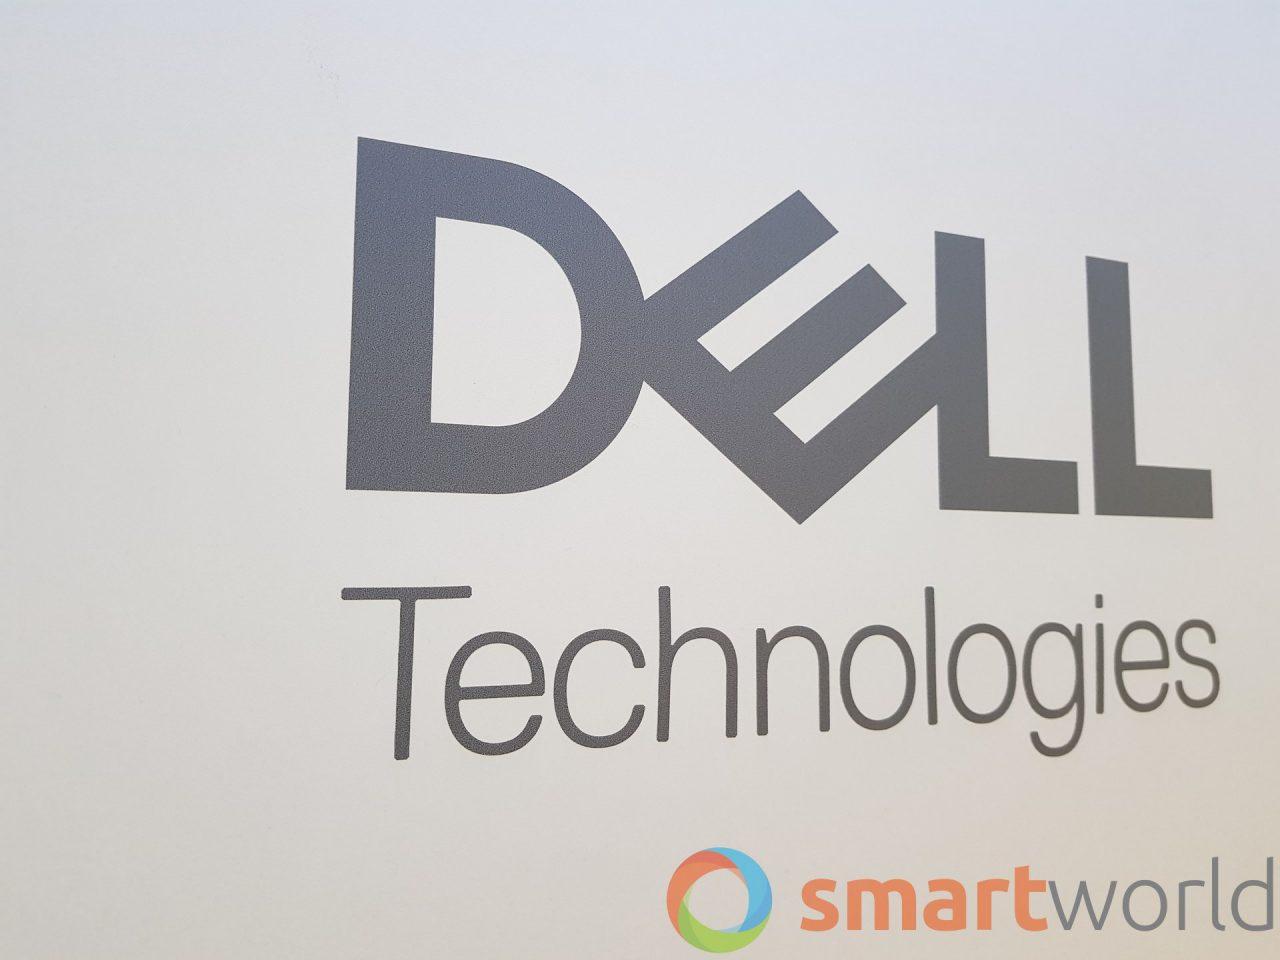 Dell ha il suo Black Friday estivo: sconto del 15% su prodotti Inspiron, XPS e Alienware fino al 17 luglio